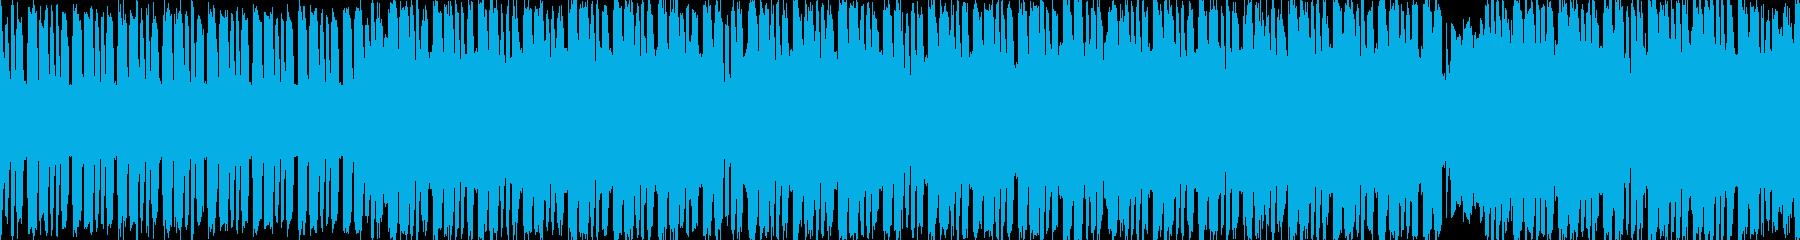 日常的なファミコンポップ【ループ素材】の再生済みの波形